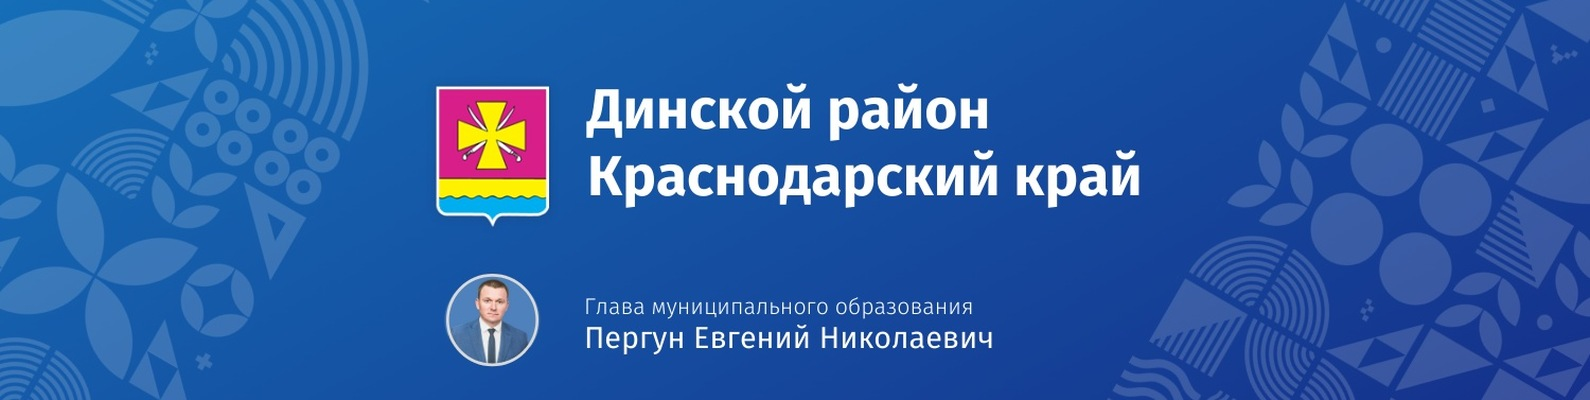 Динской район. Деловая Кубань — бизнес-портал Краснодарского края | 400x1590